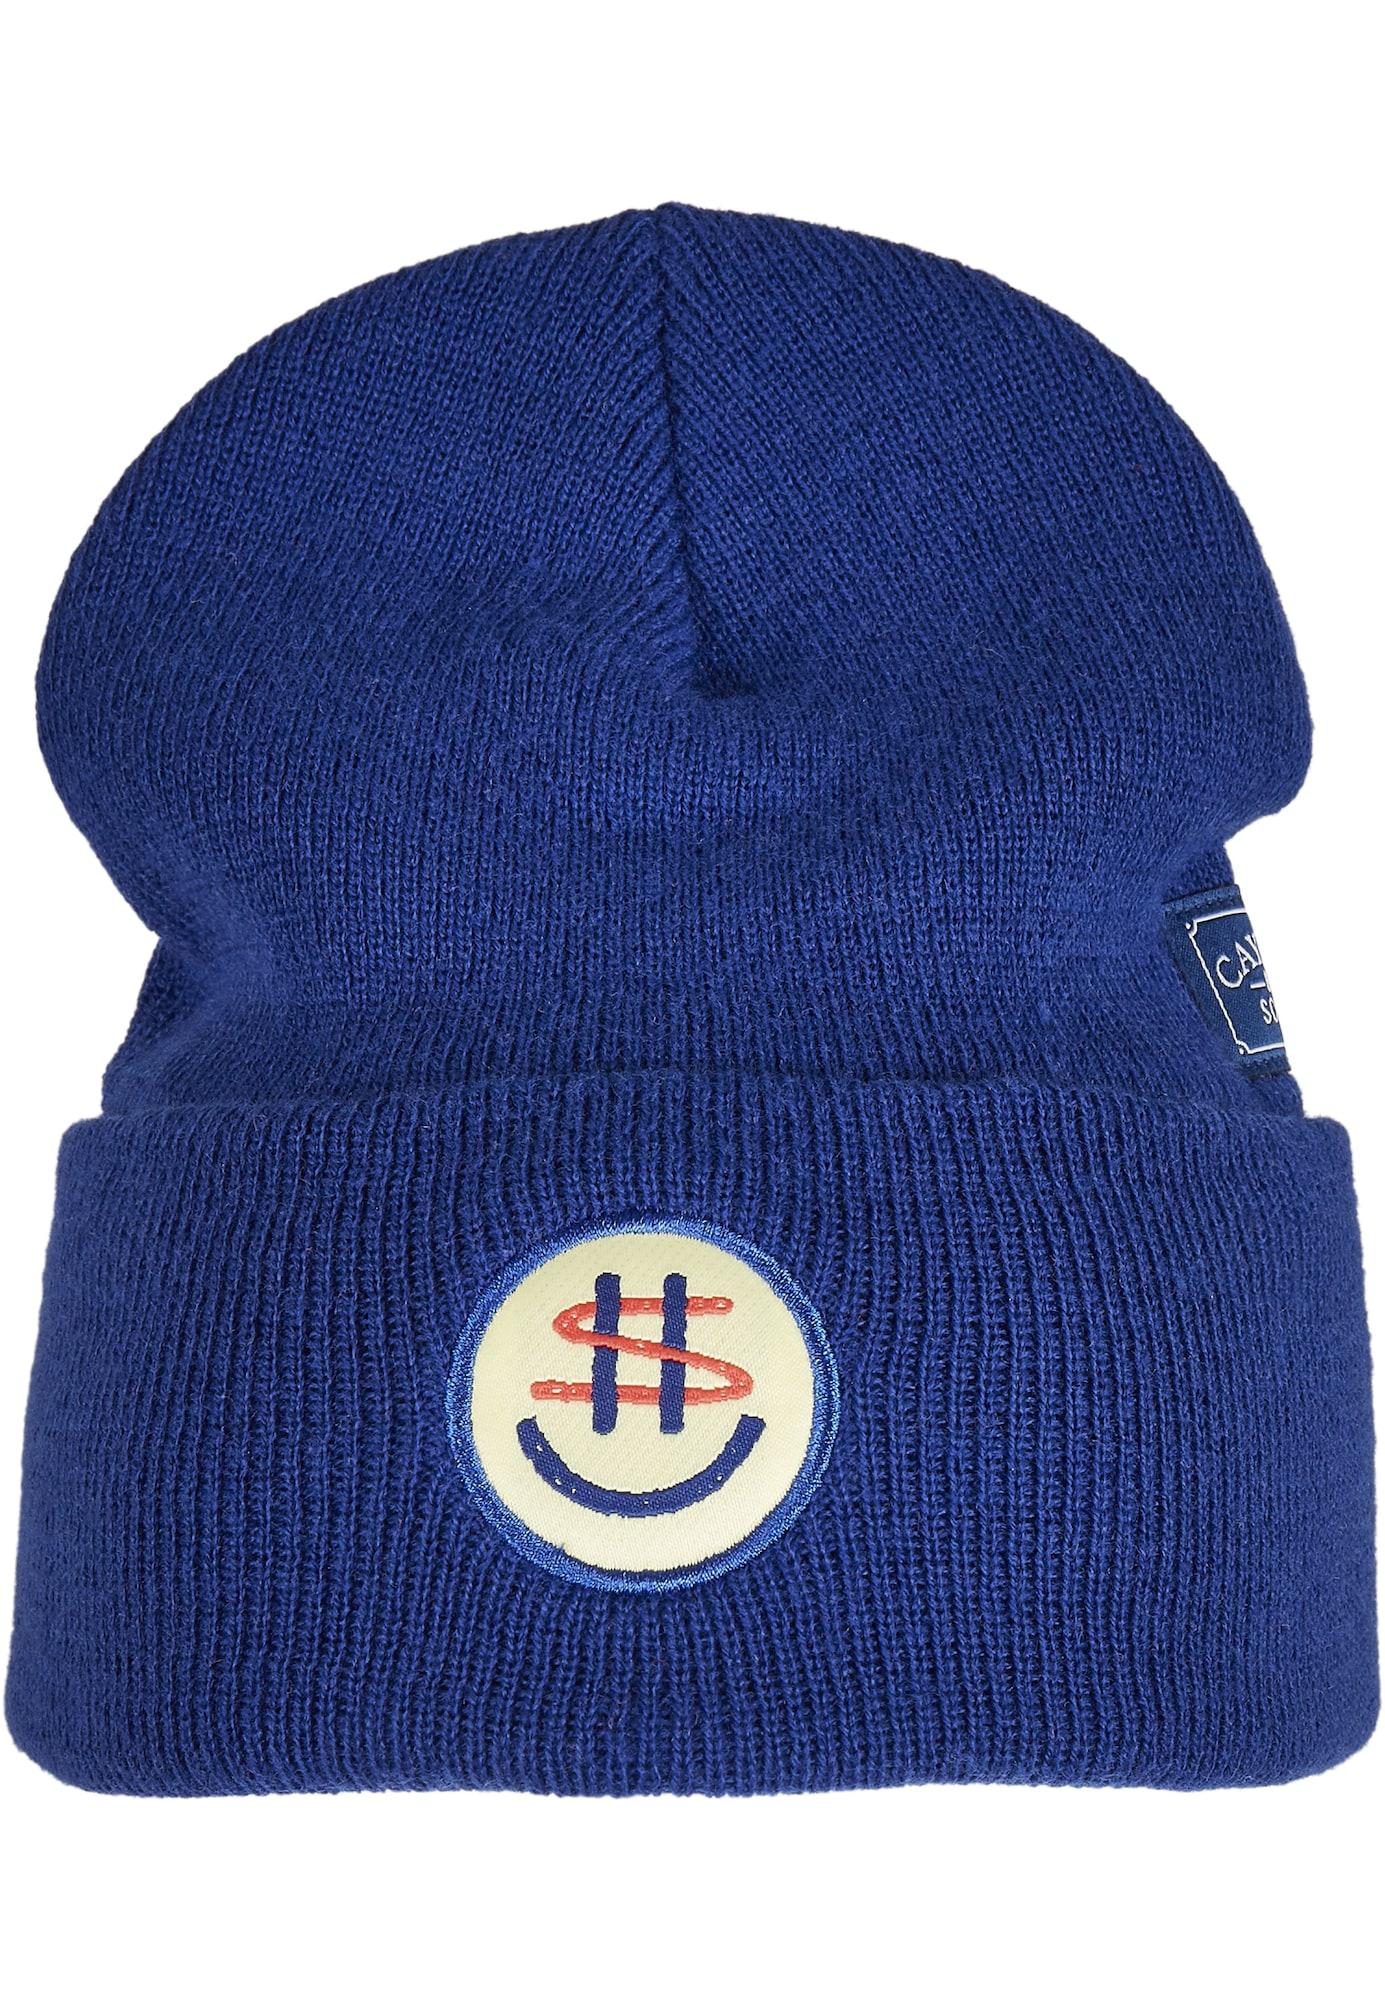 Cayler & Sons Megzta kepurė mėlyna / balta / raudona